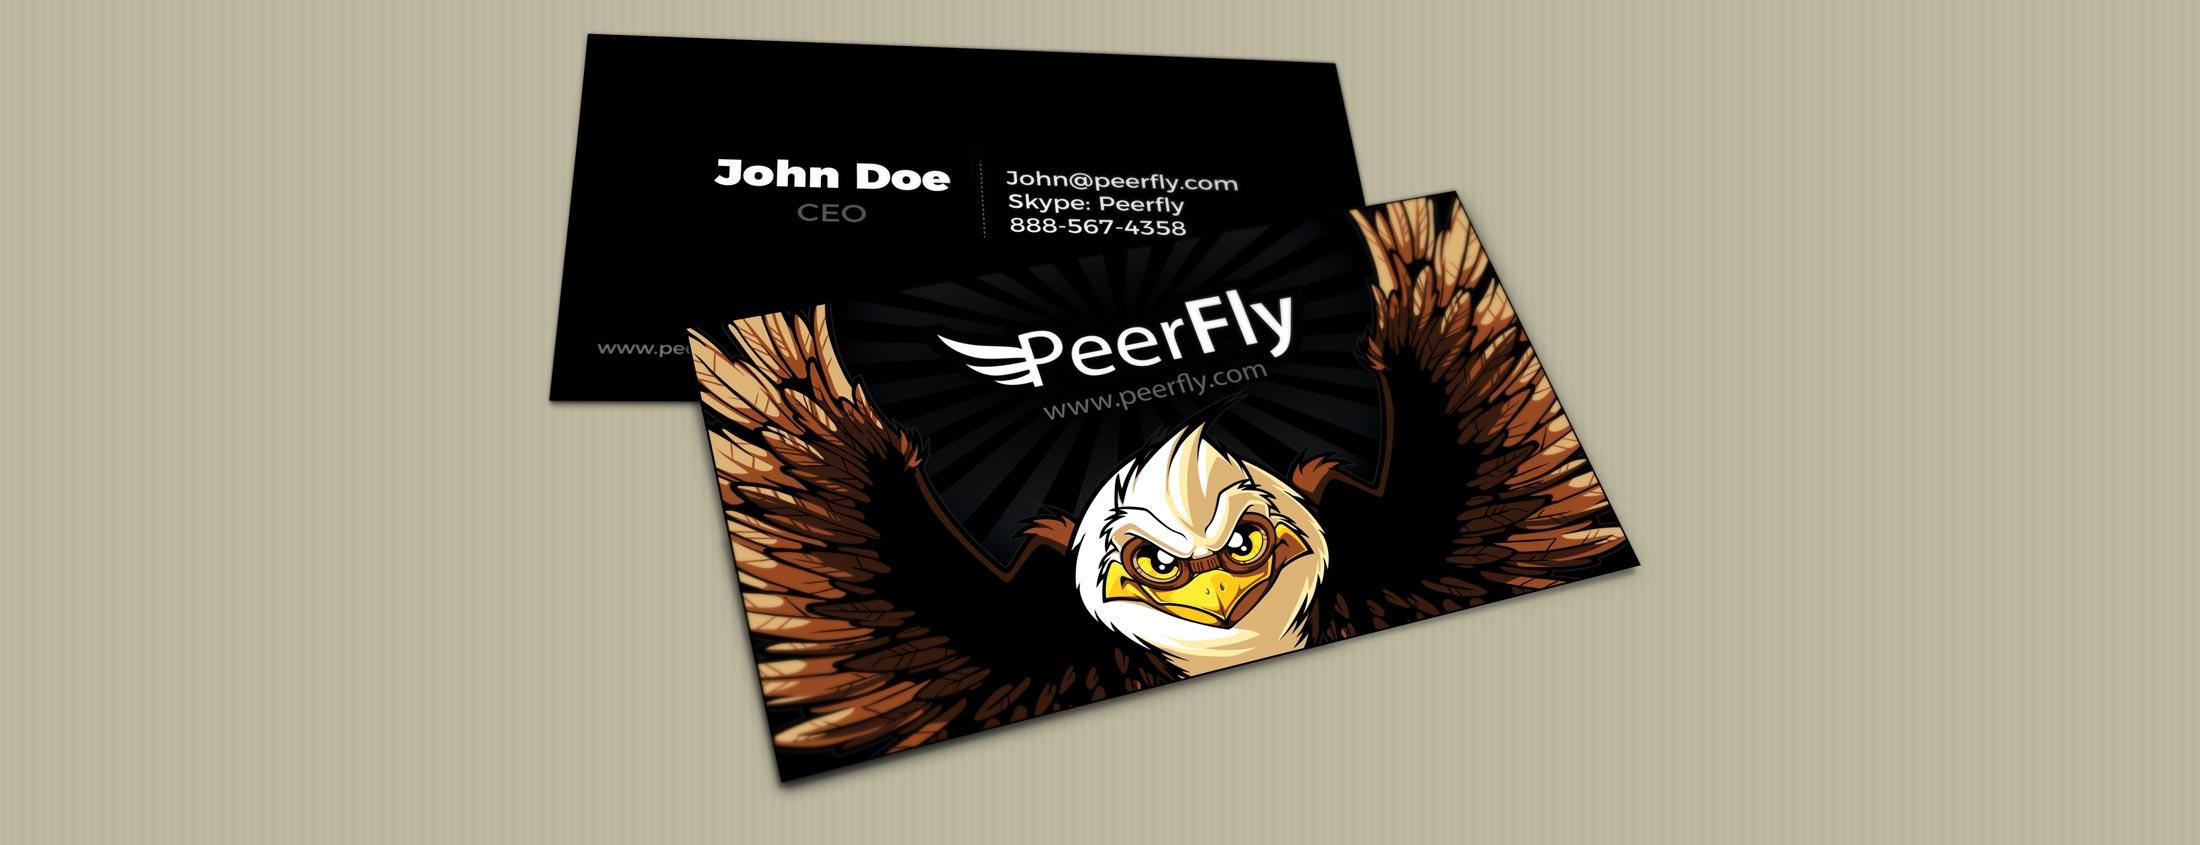 peerfly designer